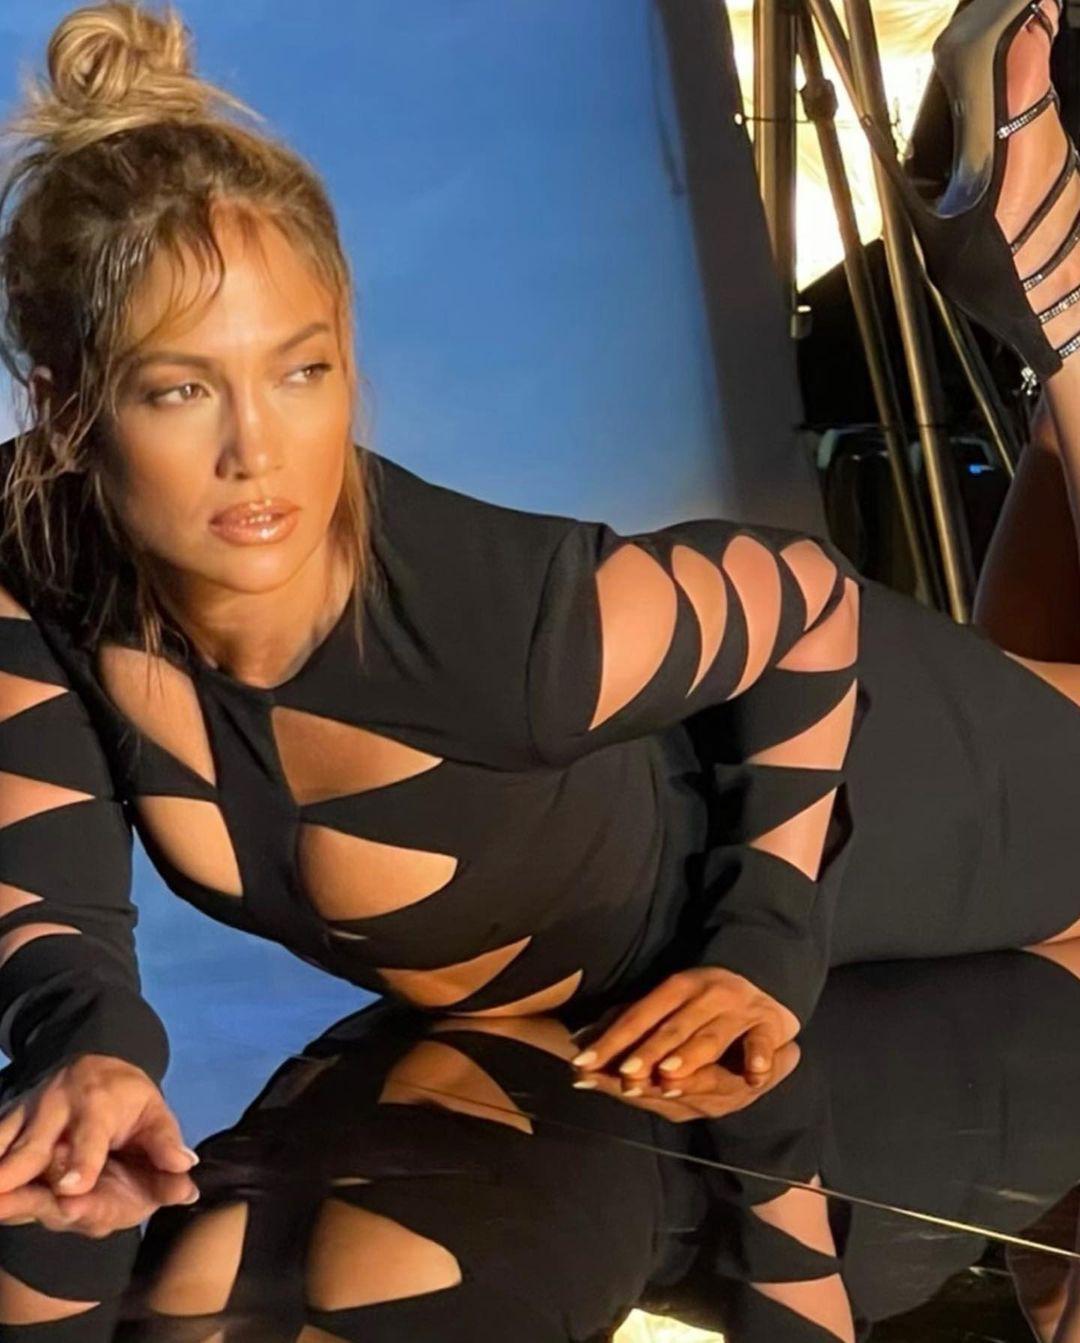 Jennifer Lopez mặn nồng hạnh phúc bên hôn phu kém 6 tuổi Ảnh 10